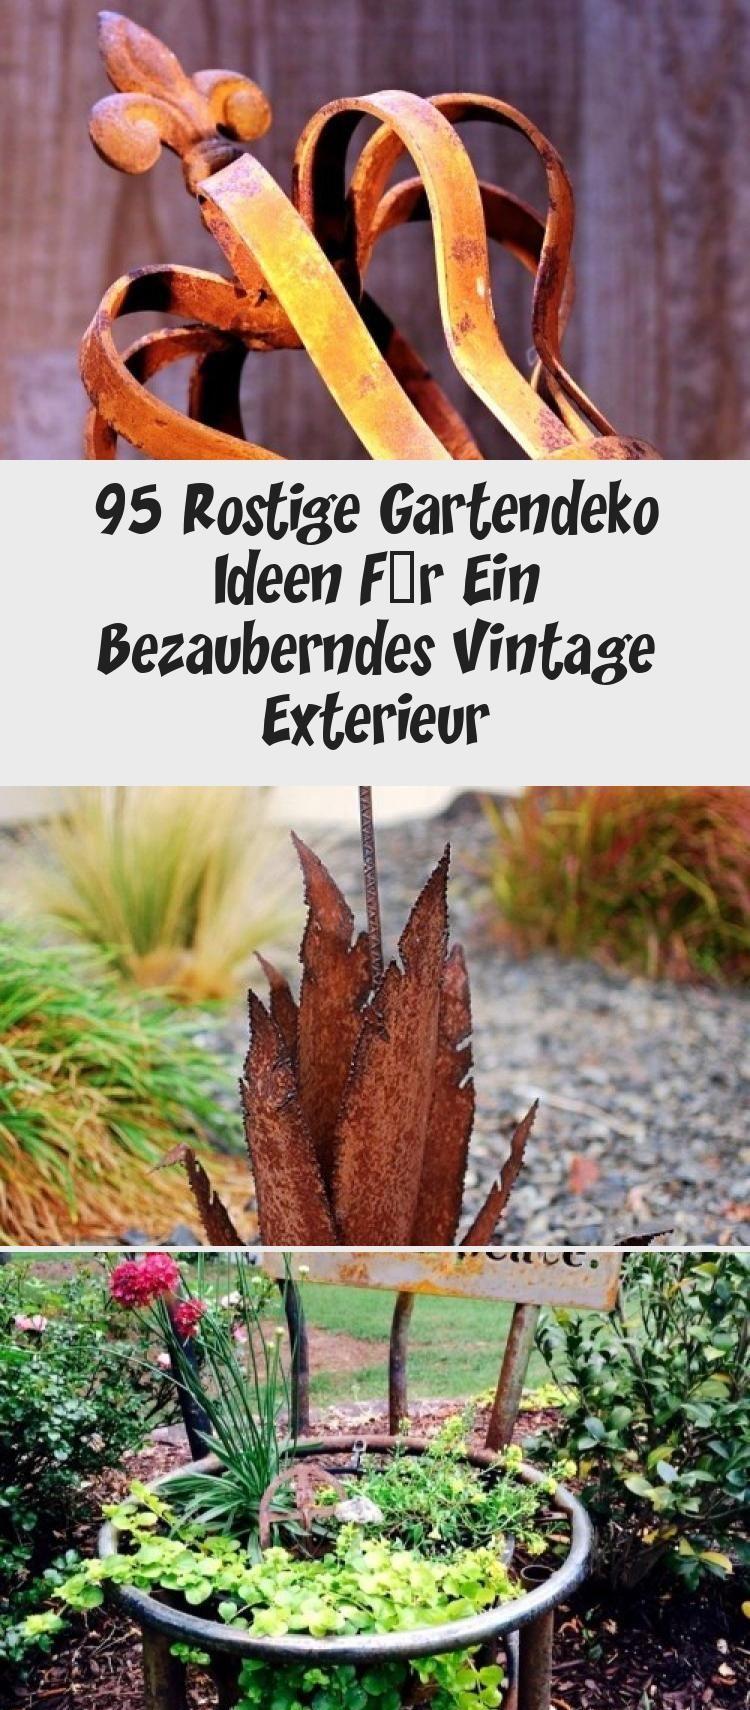 95 Rostige Gartendeko Ideen Fur Ein Bezauberndes Vintage Exterieur Green Beans Plants Green